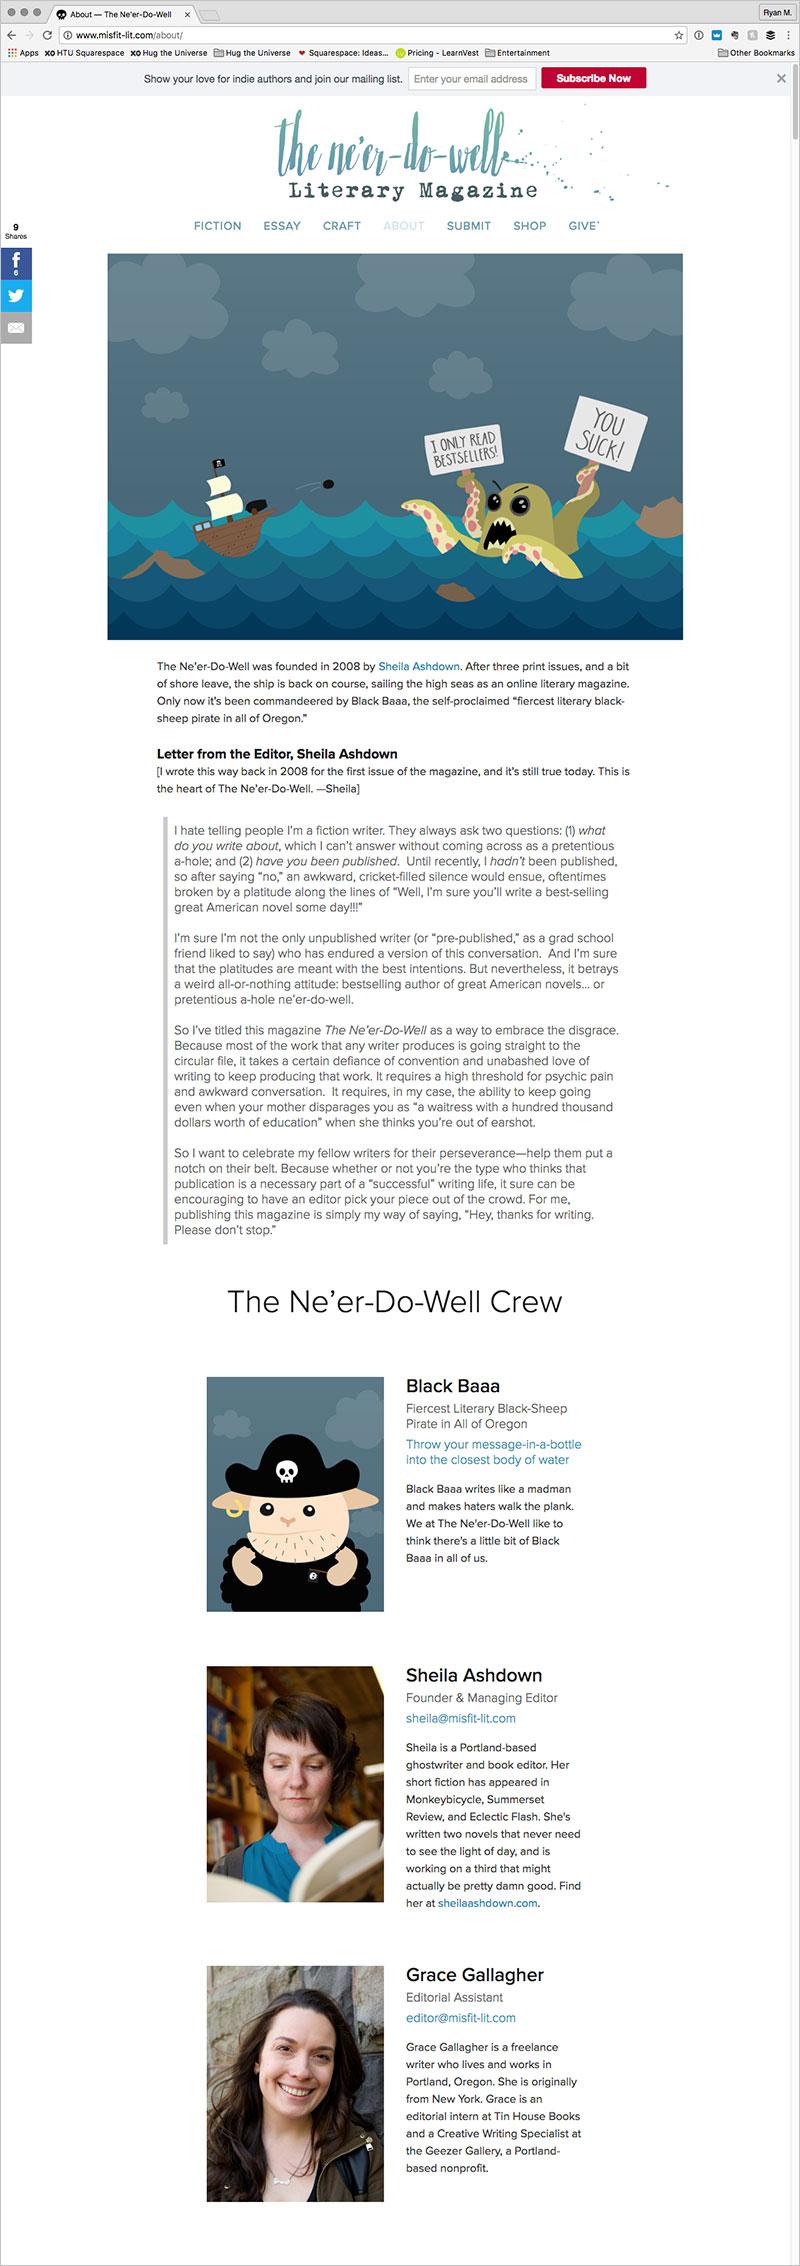 ndw-website-screenshot-2a.jpg